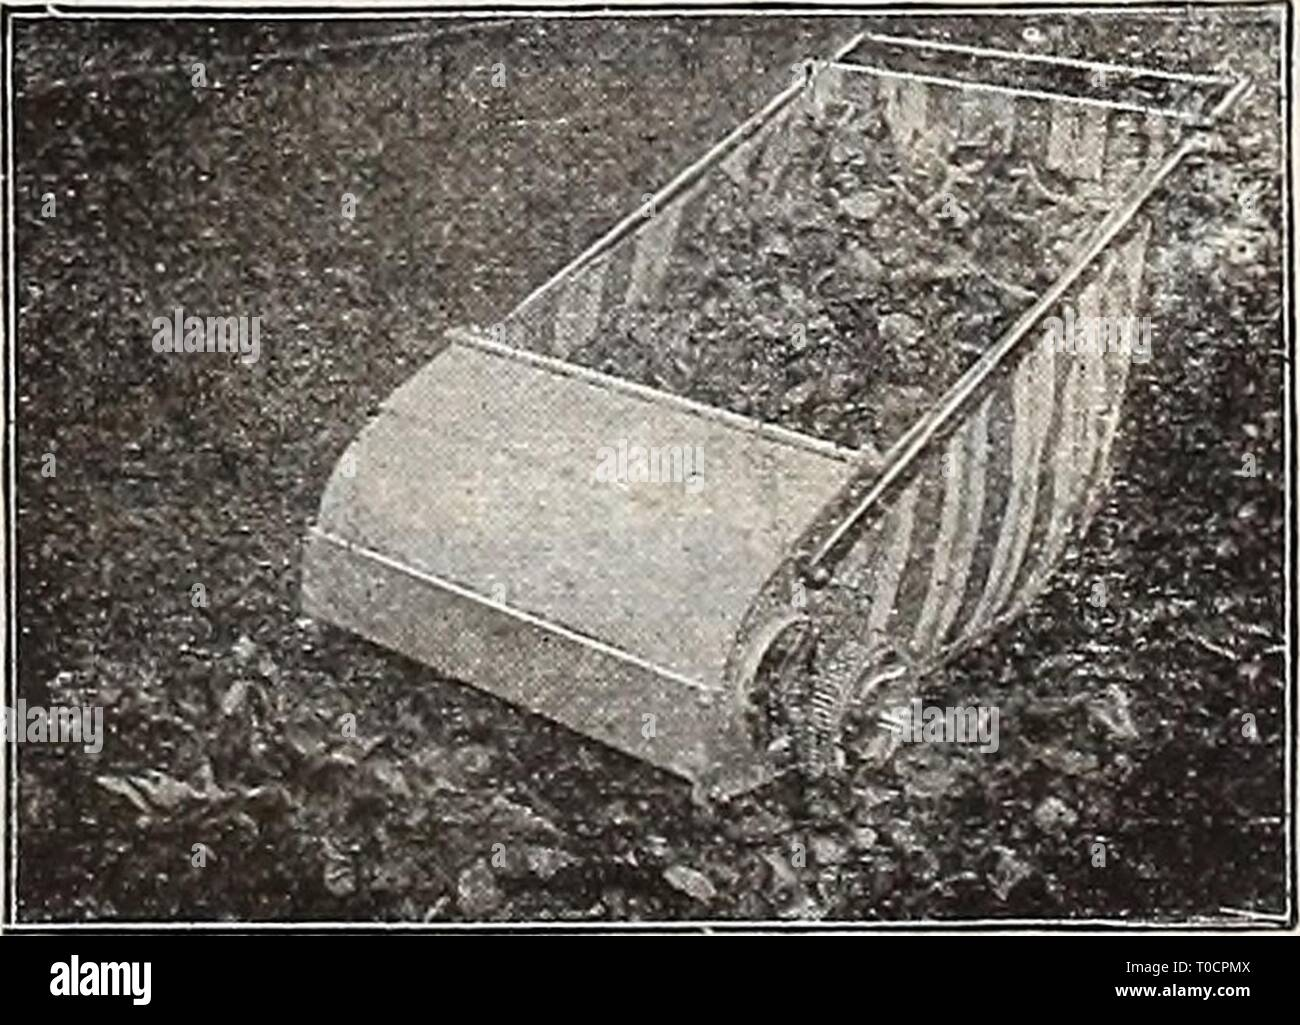 Dreeru0027s Garten Buch 1918 (1918) Dreeru0027s Garten Buch 1918 Dreersgardenbook  1918 Henr Jahr: